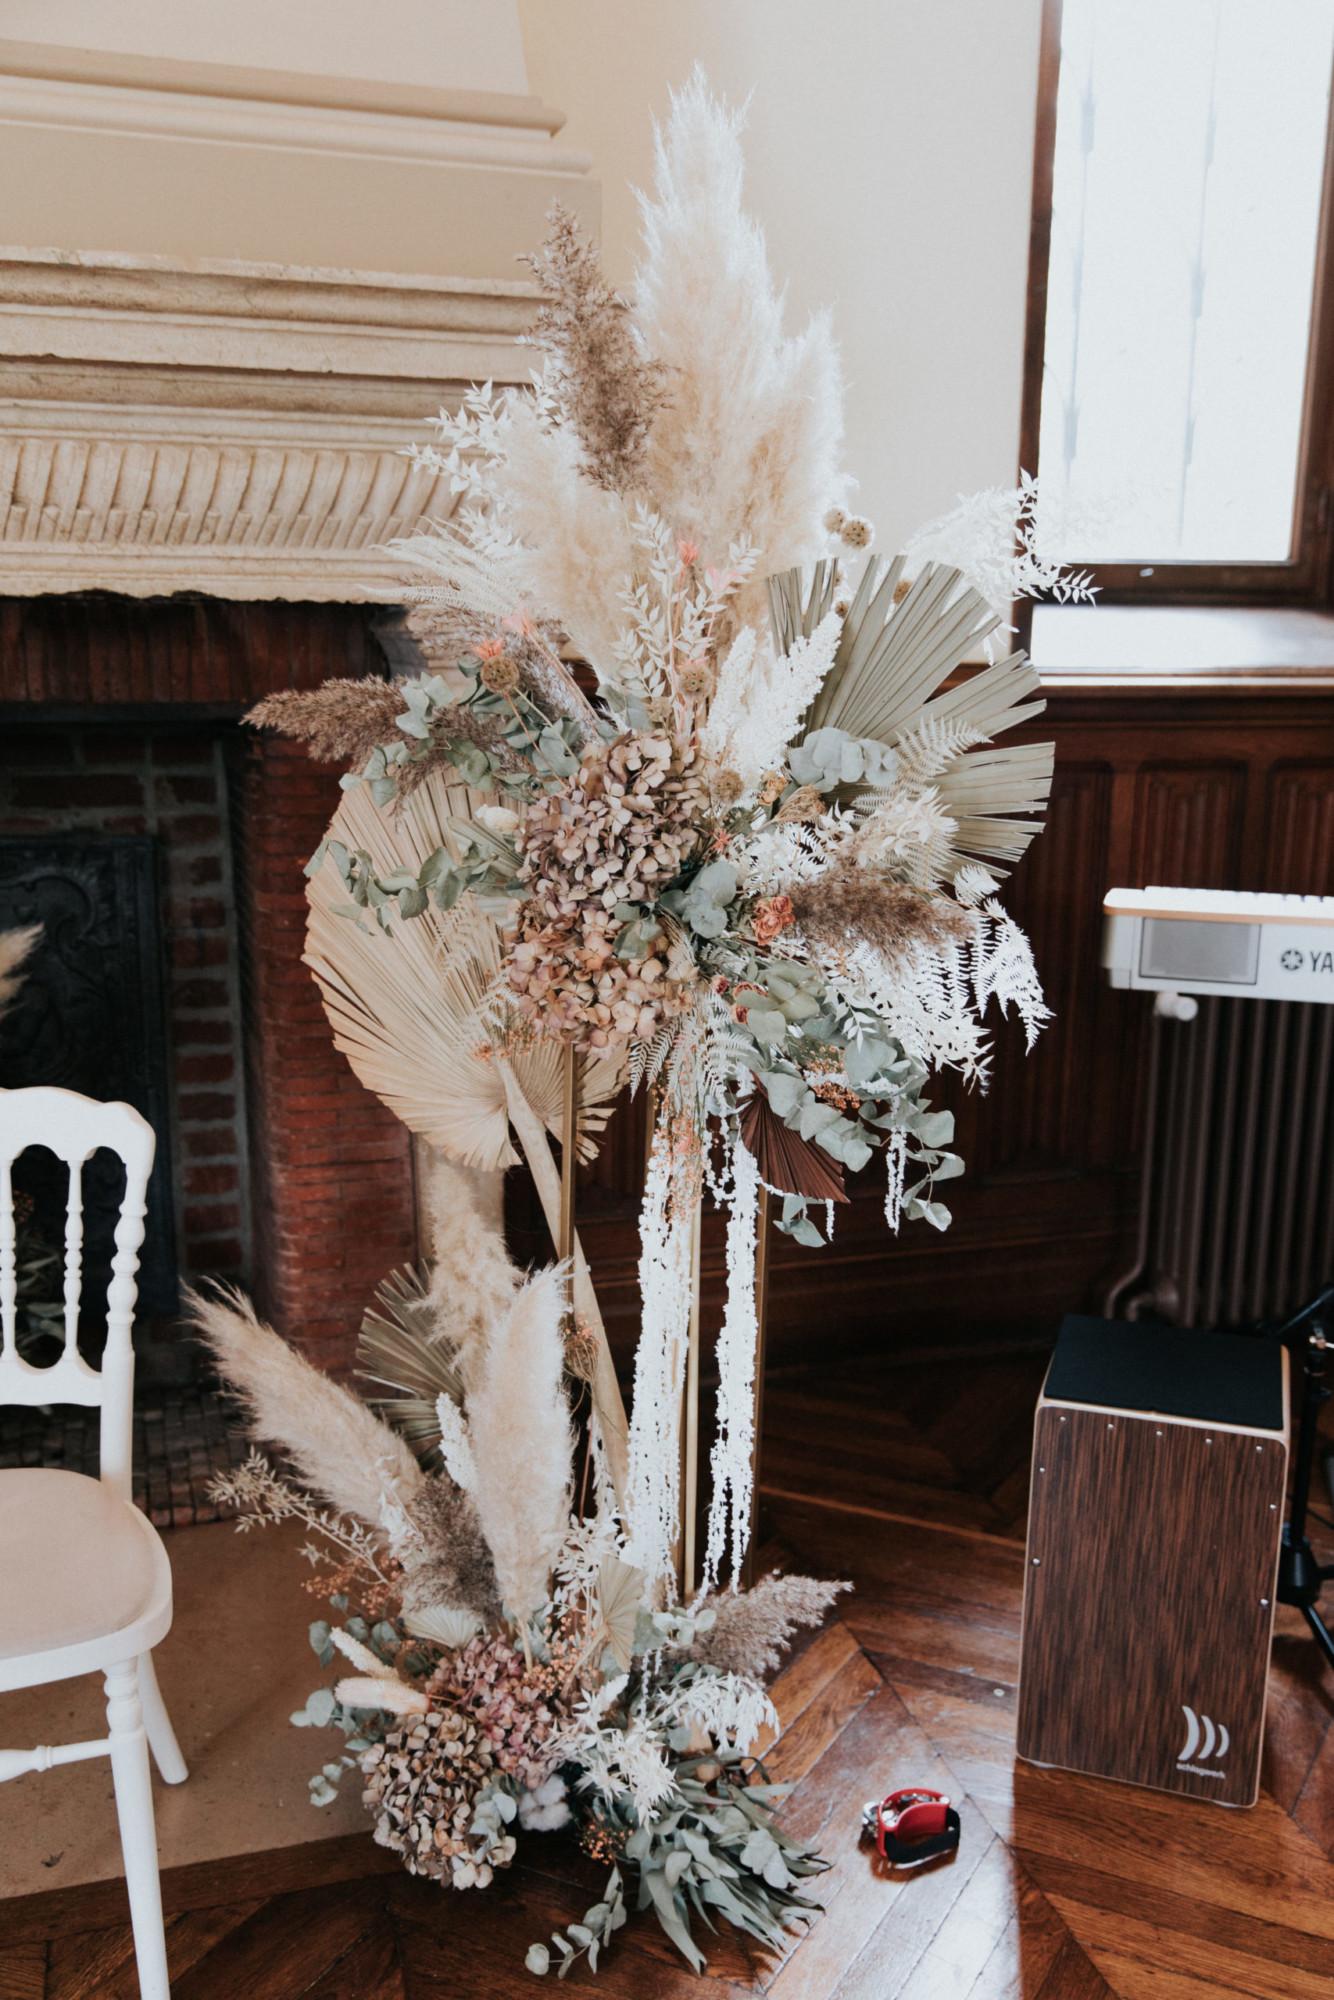 décor de cérémonie, fleurs séchées, arche, stèle